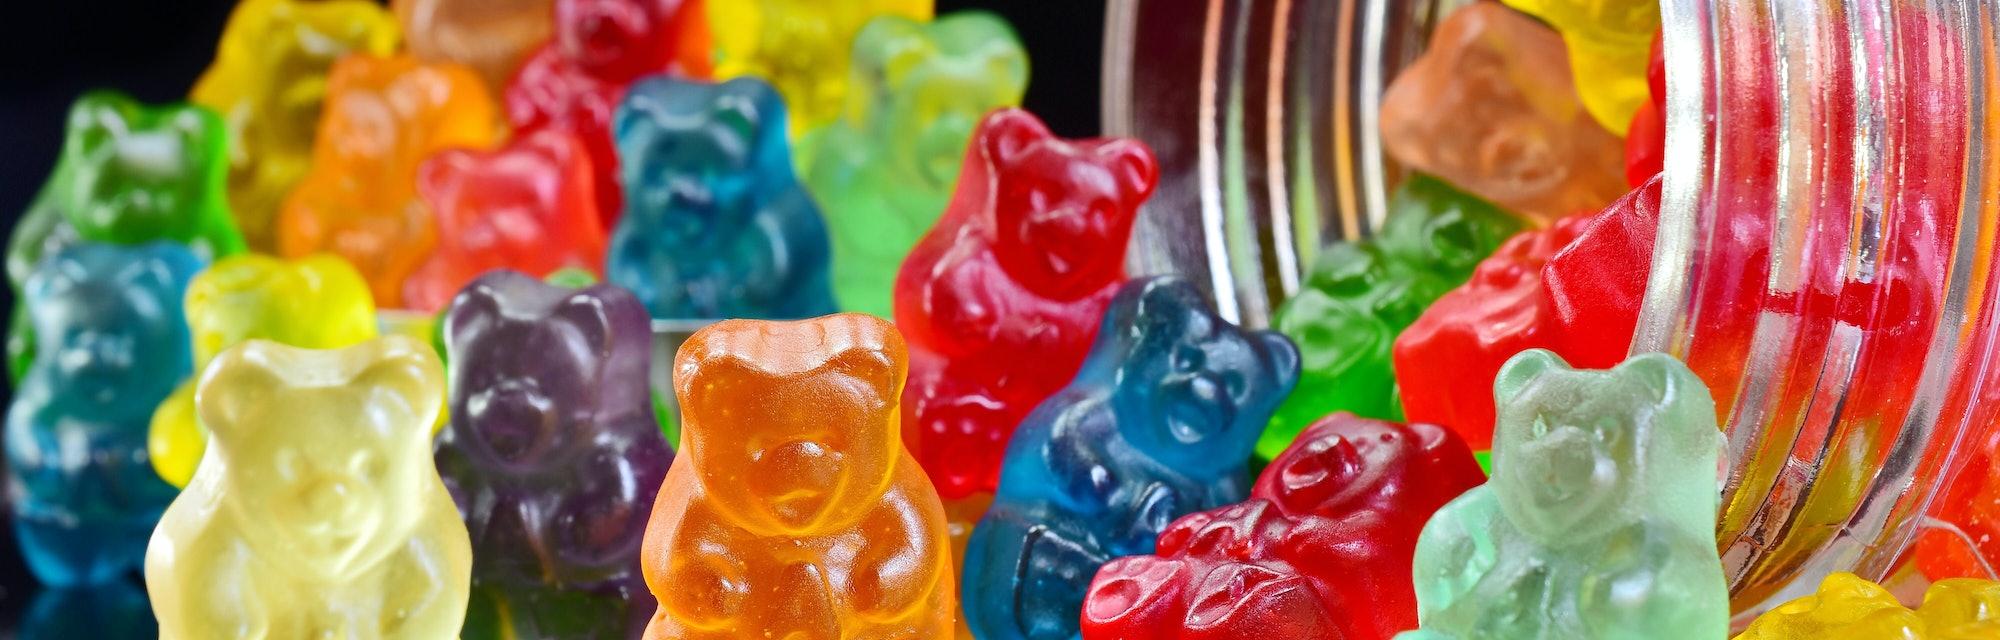 Gummy bears on the beach background